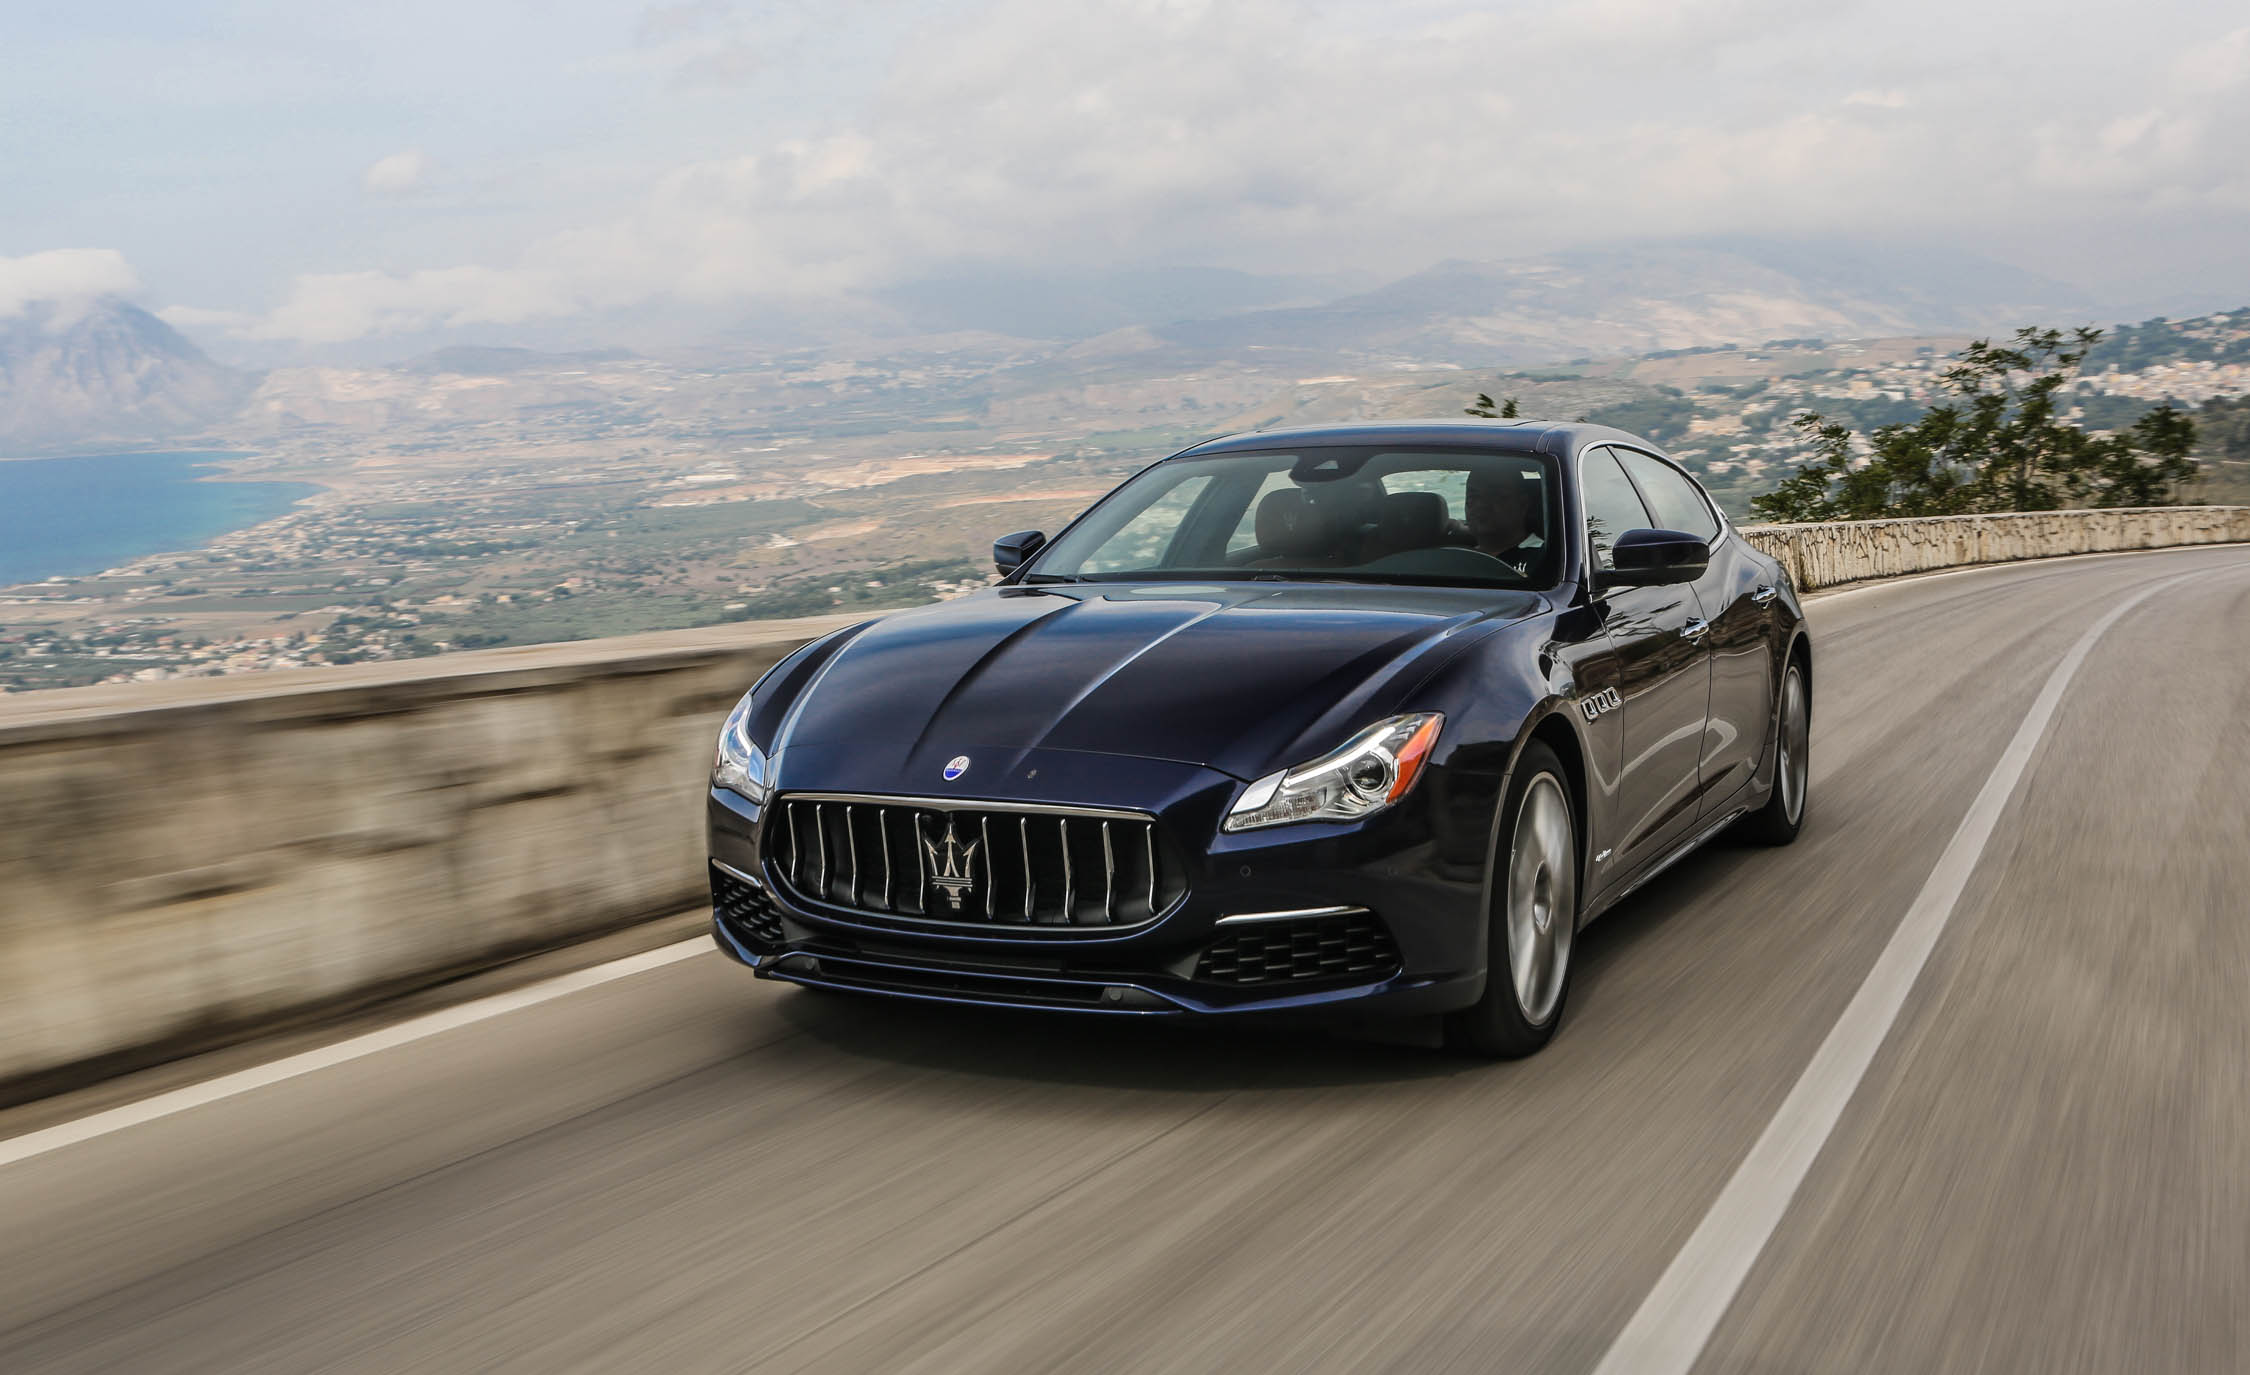 2017 Maserati Quattroporte GTS GranLusso (Photo 4 of 55)